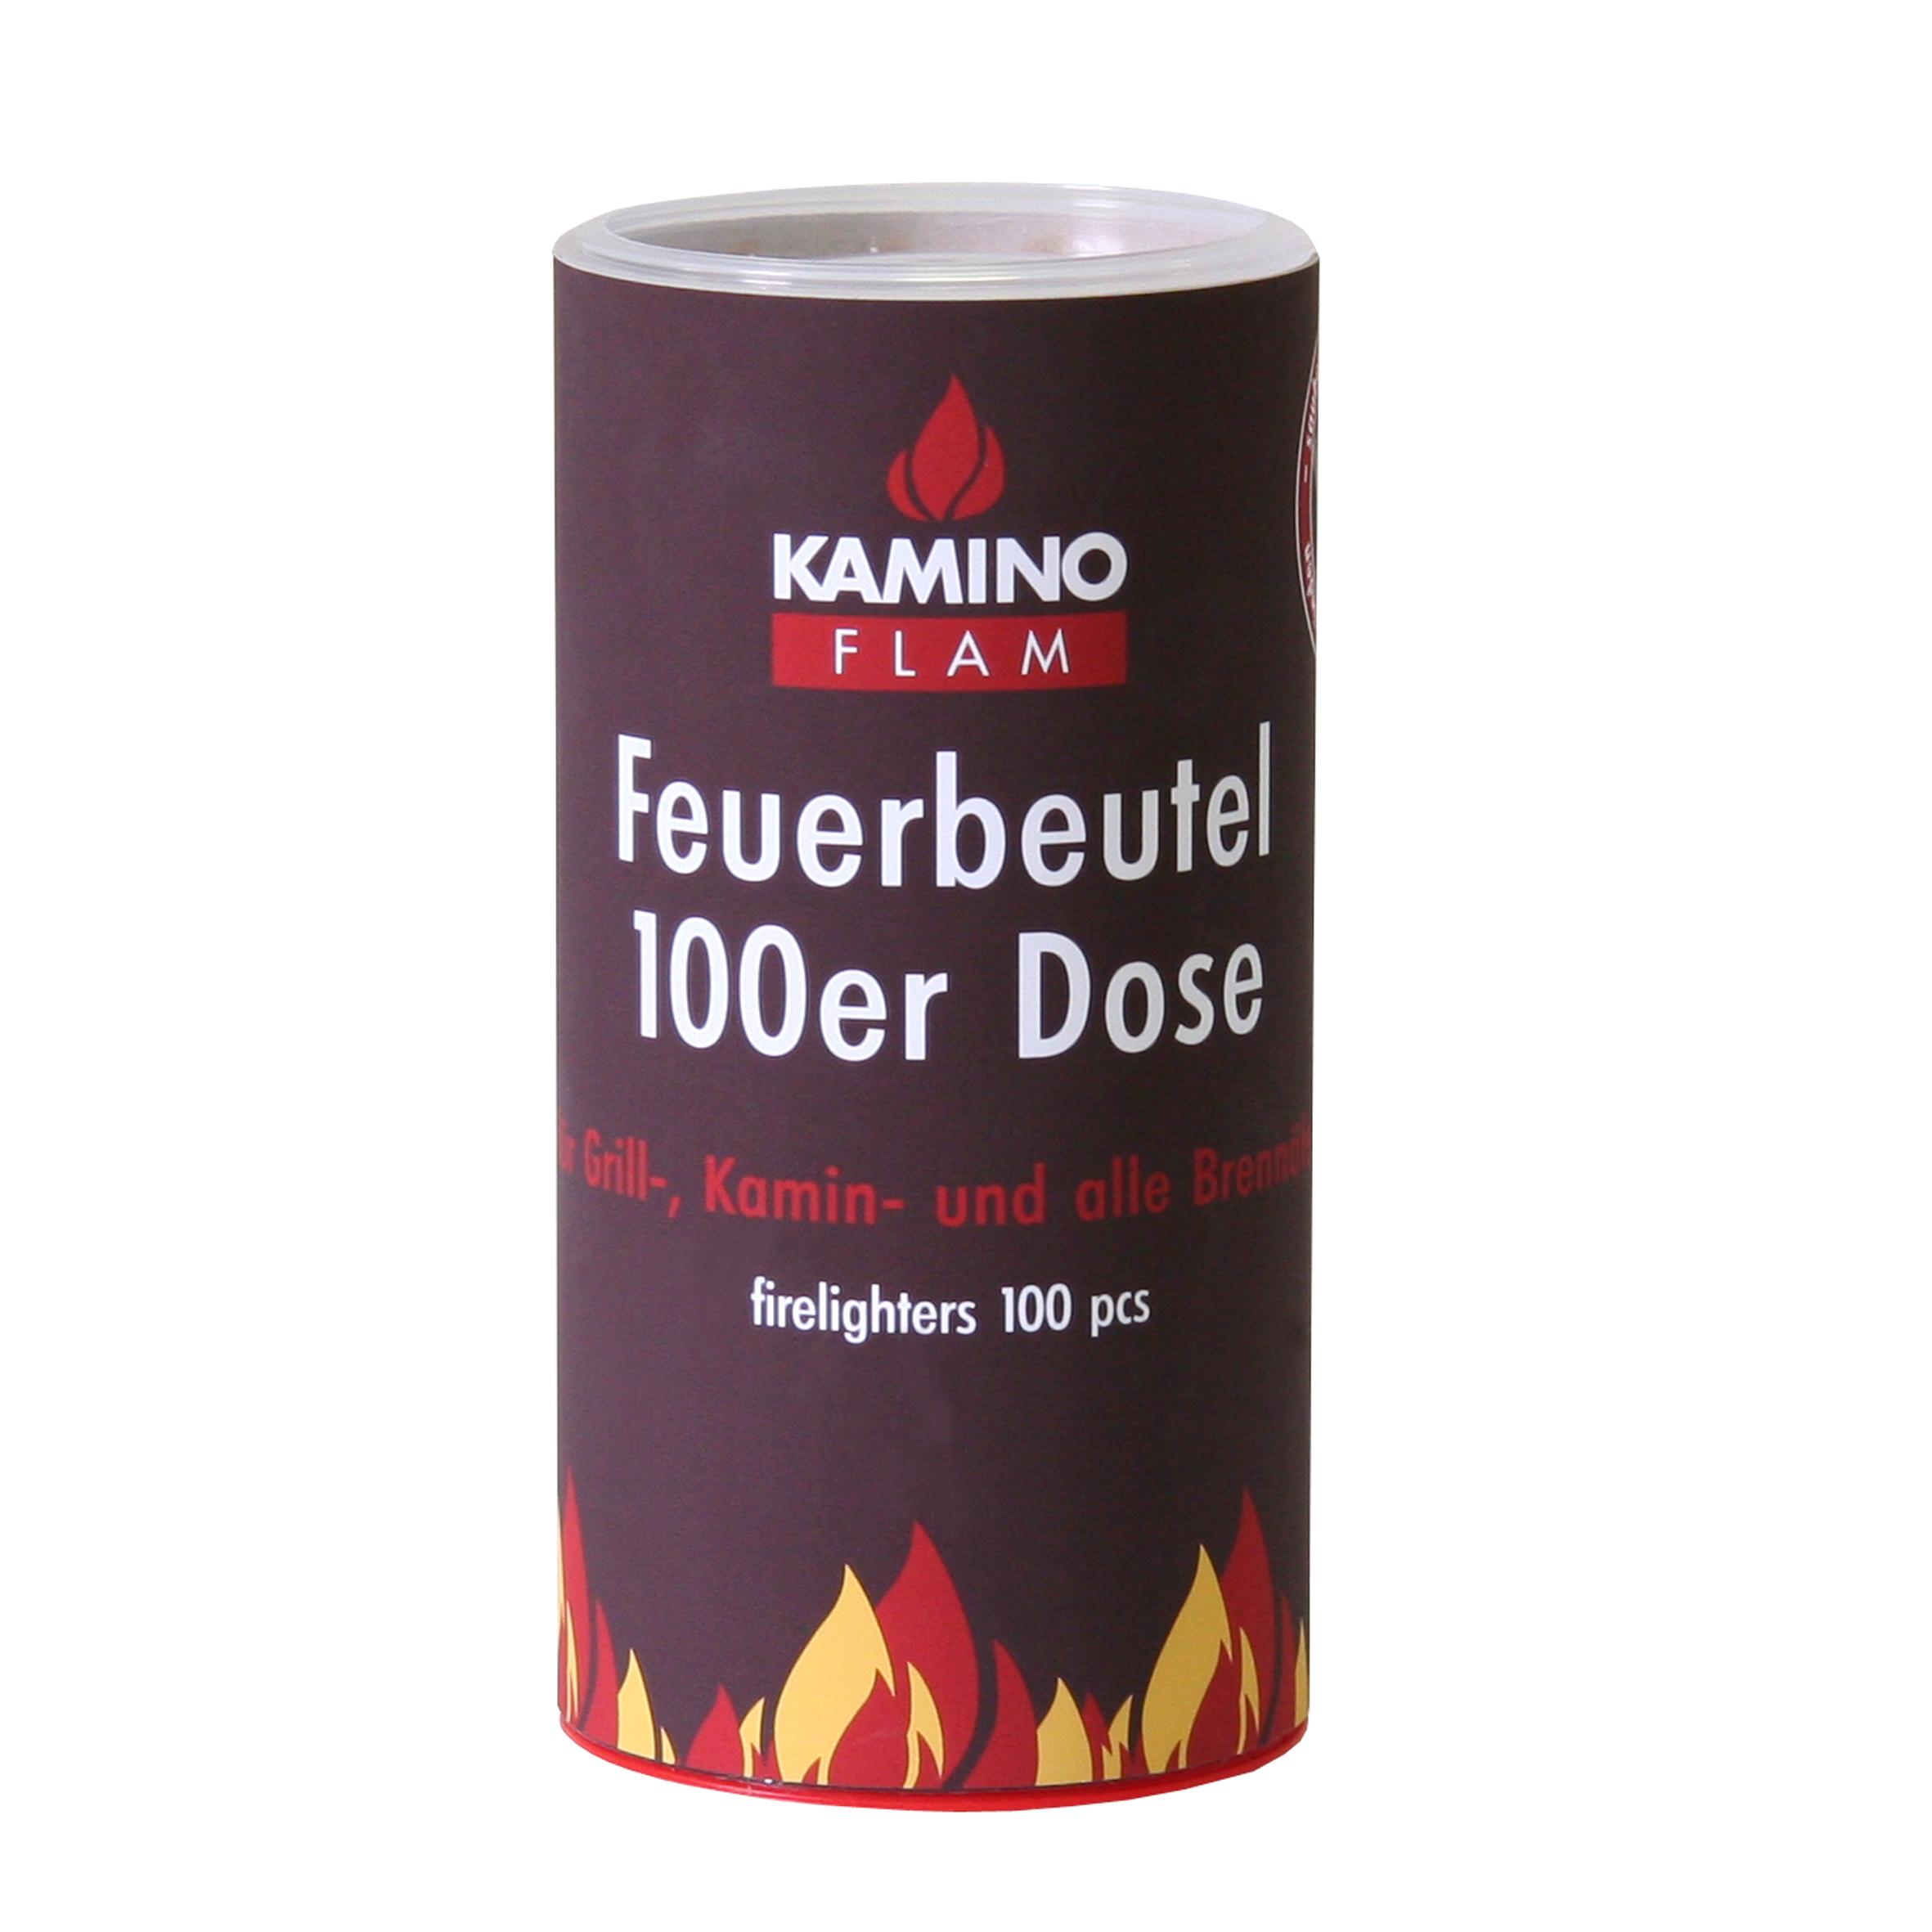 feuerbeutel 100 stück in dose winter brennstoffe und anzündhilfen